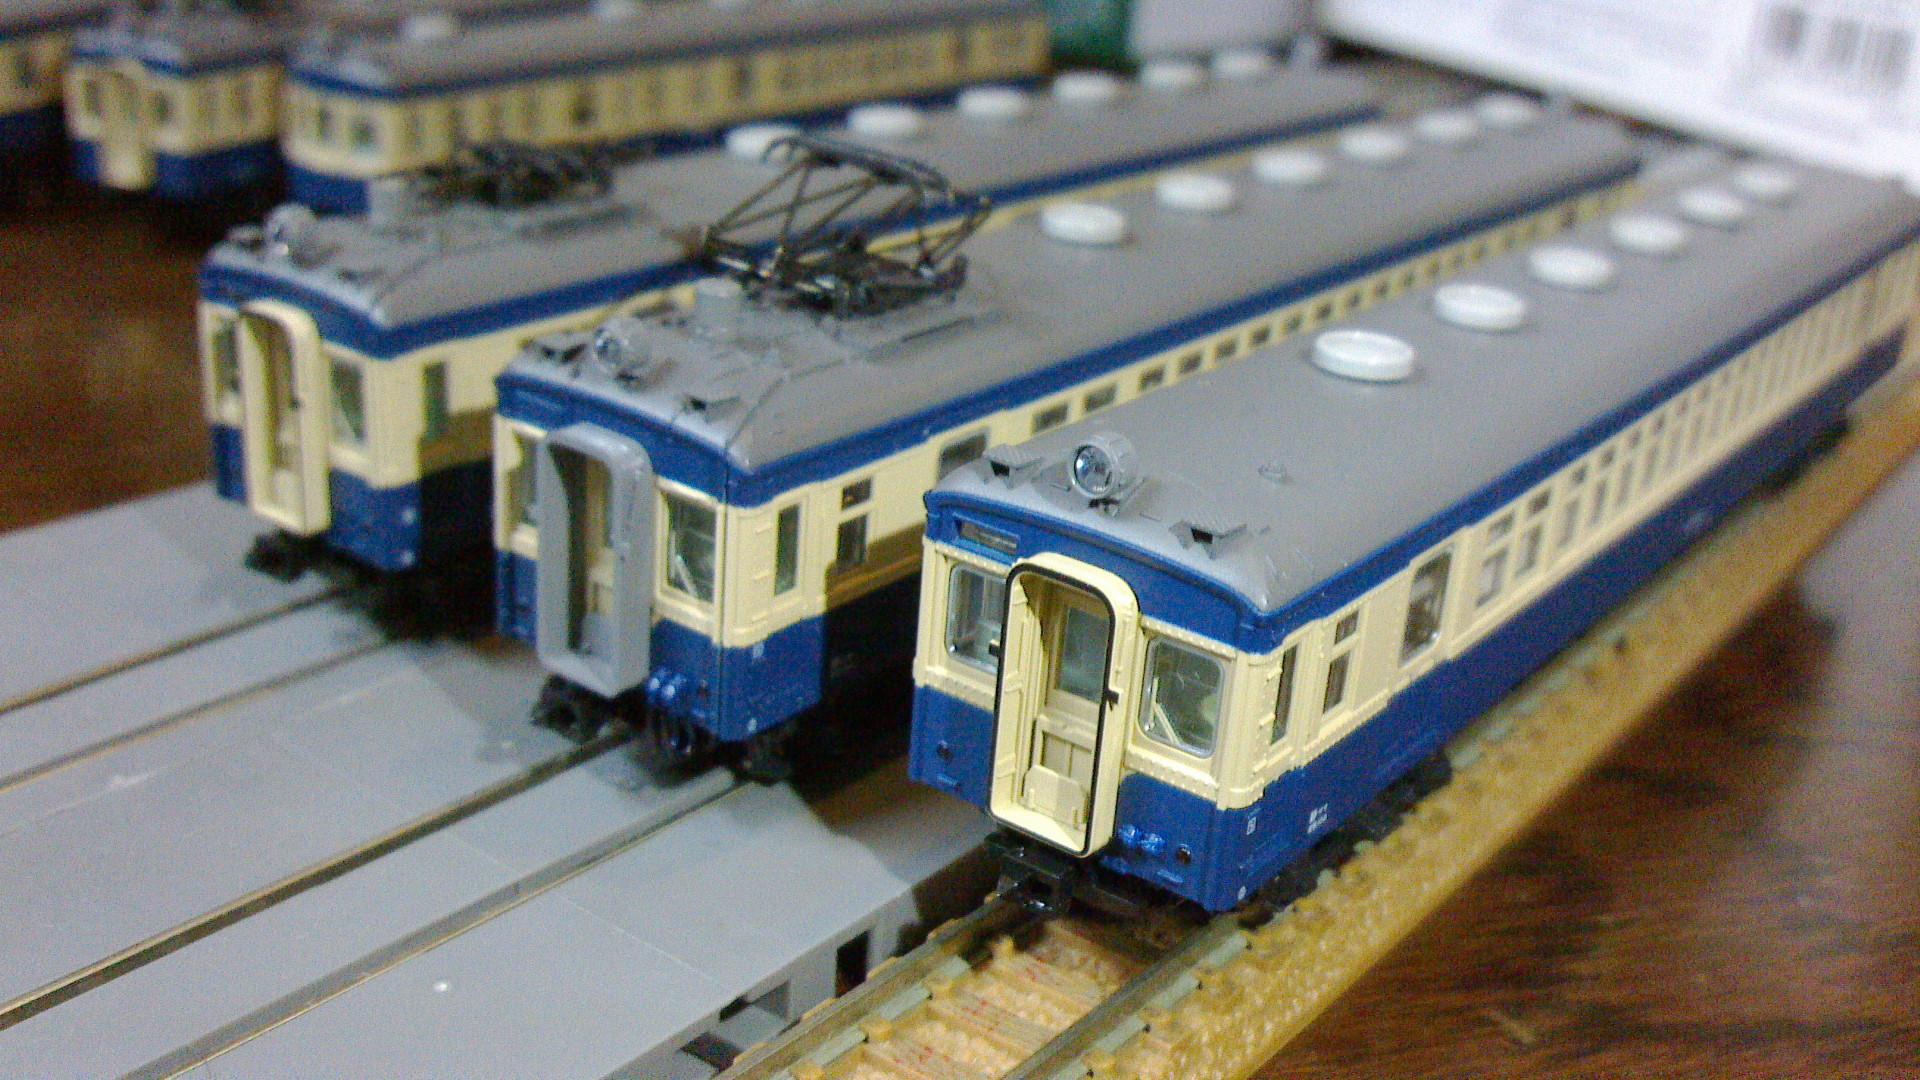 NEC_0766.jpg